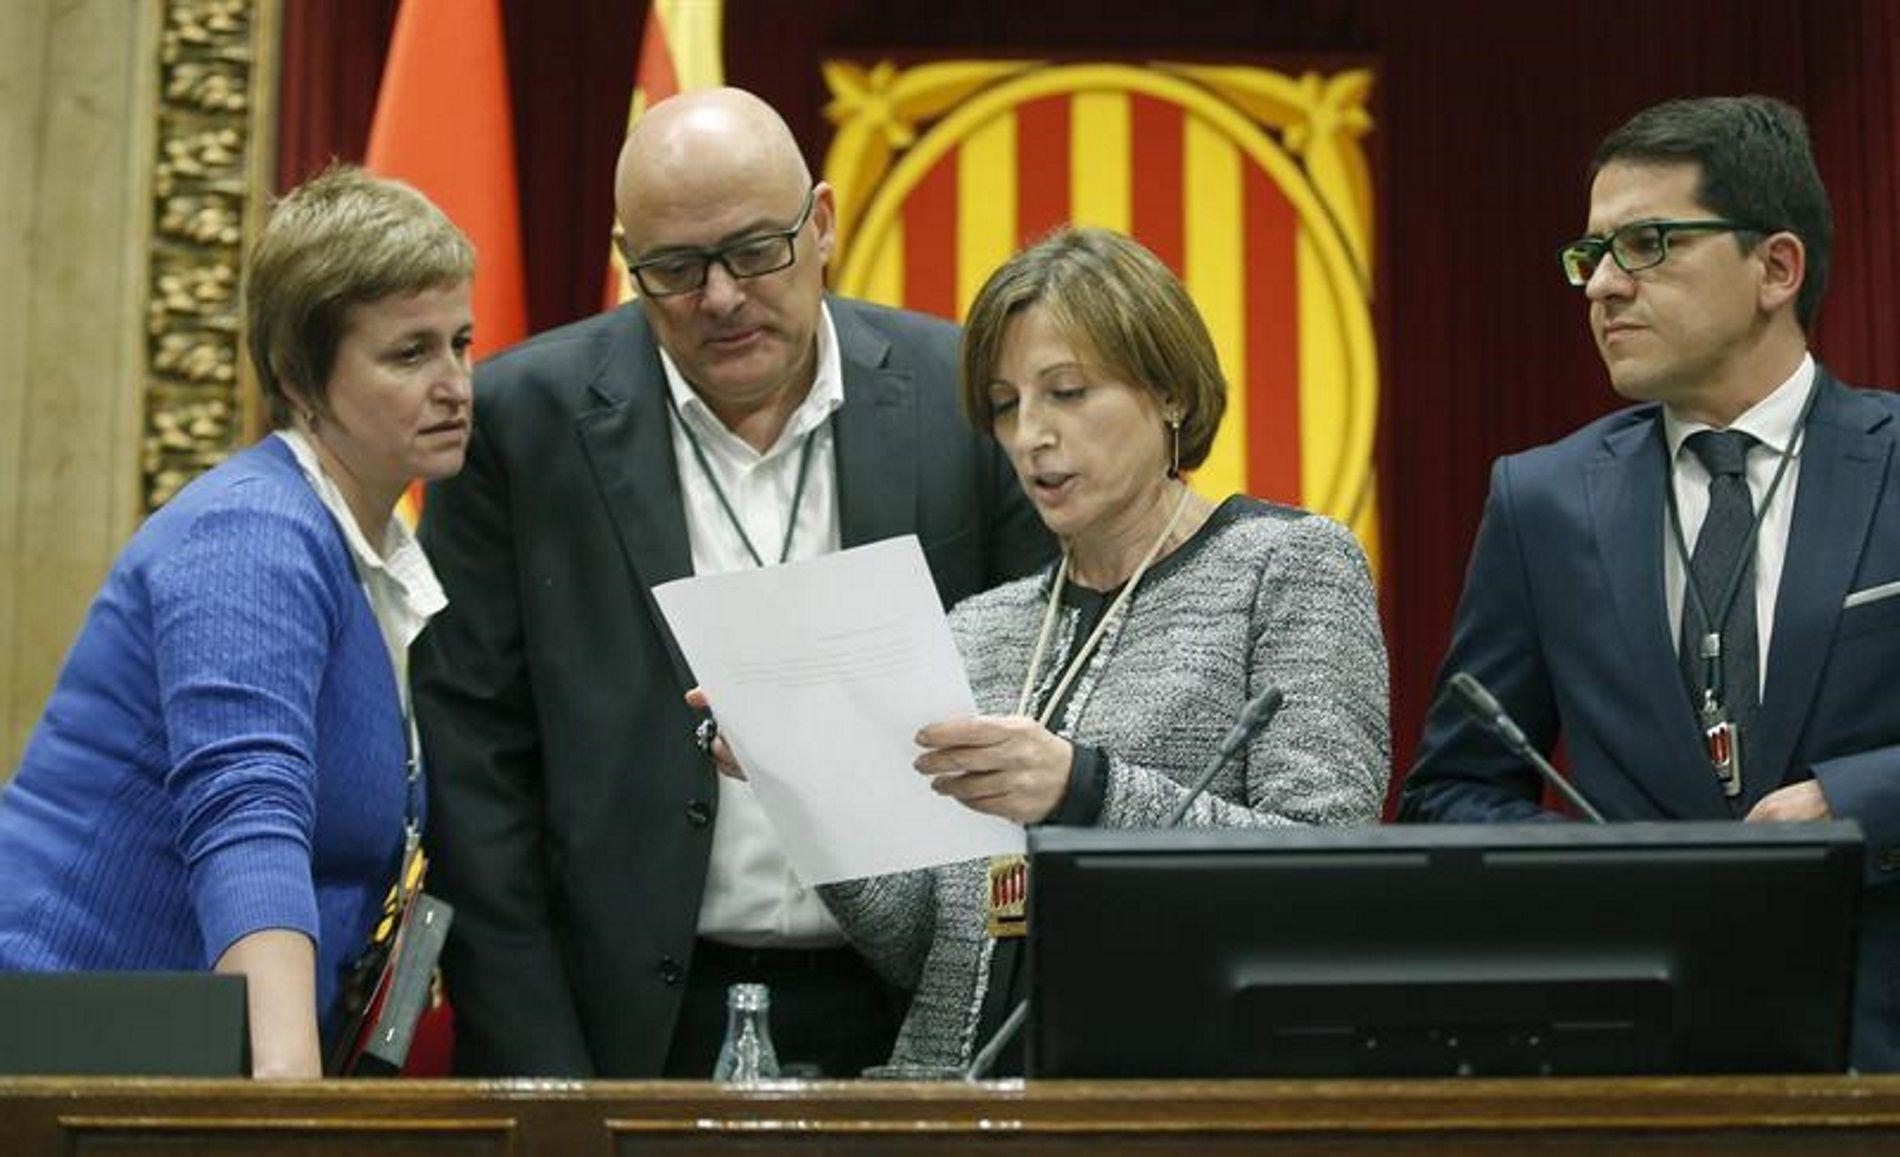 Puigdemont, como antes Mas, han sido los más adelantados en ejecutar recortes en sanidad, educación, ayudas sociales... Ahora sabemos que también son los que más lejos quieren llegar en recortar la democracia.